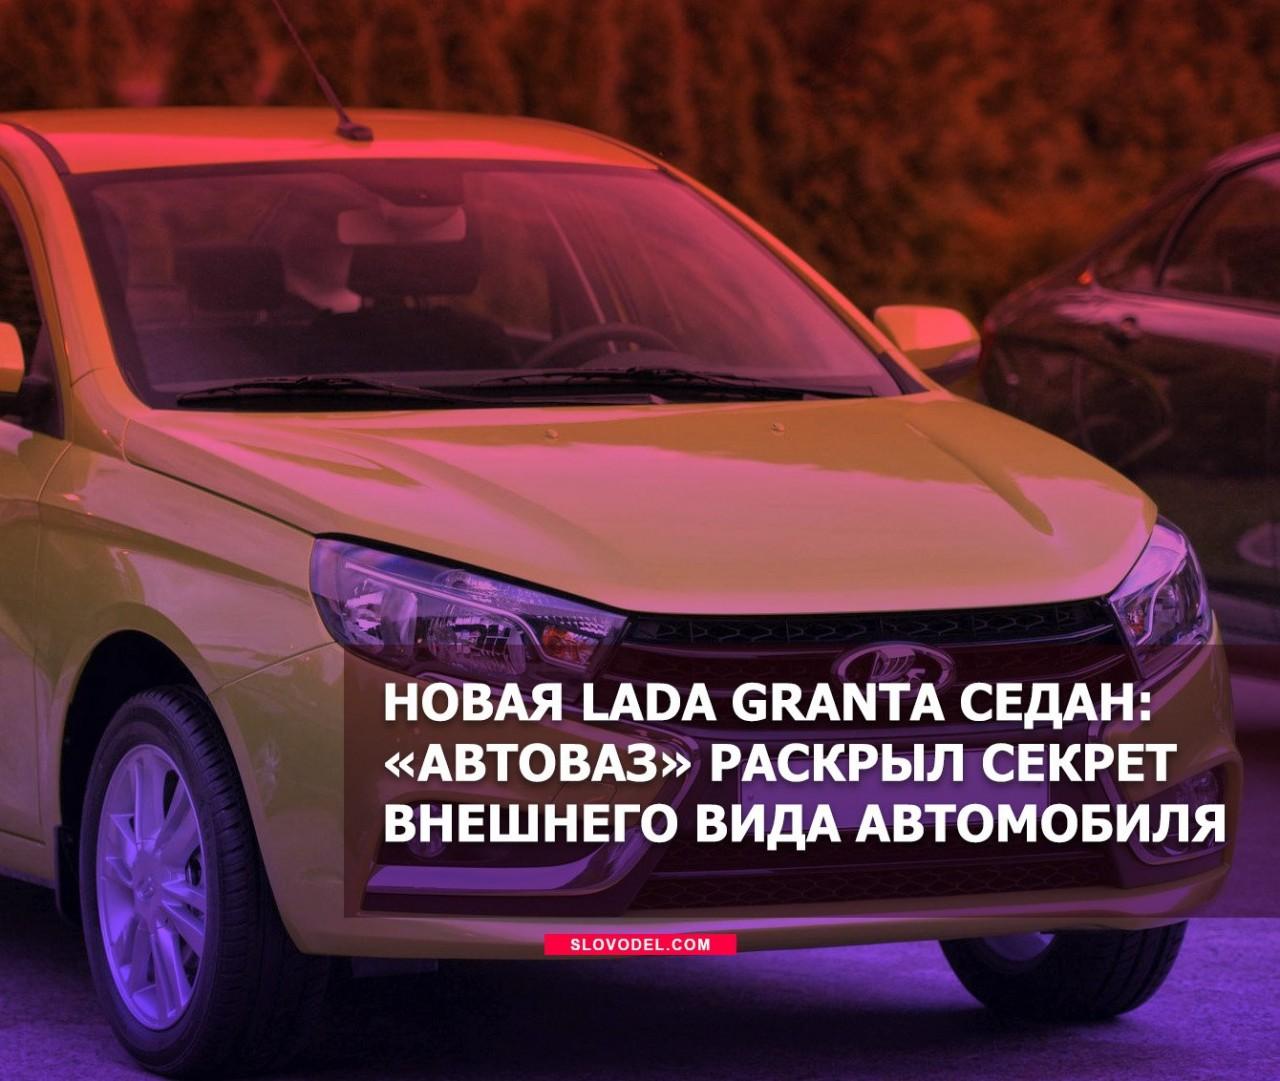 Новая LADA Granta седан: «АвтоВАЗ» раскрыл секрет внешнего вида автомобиля